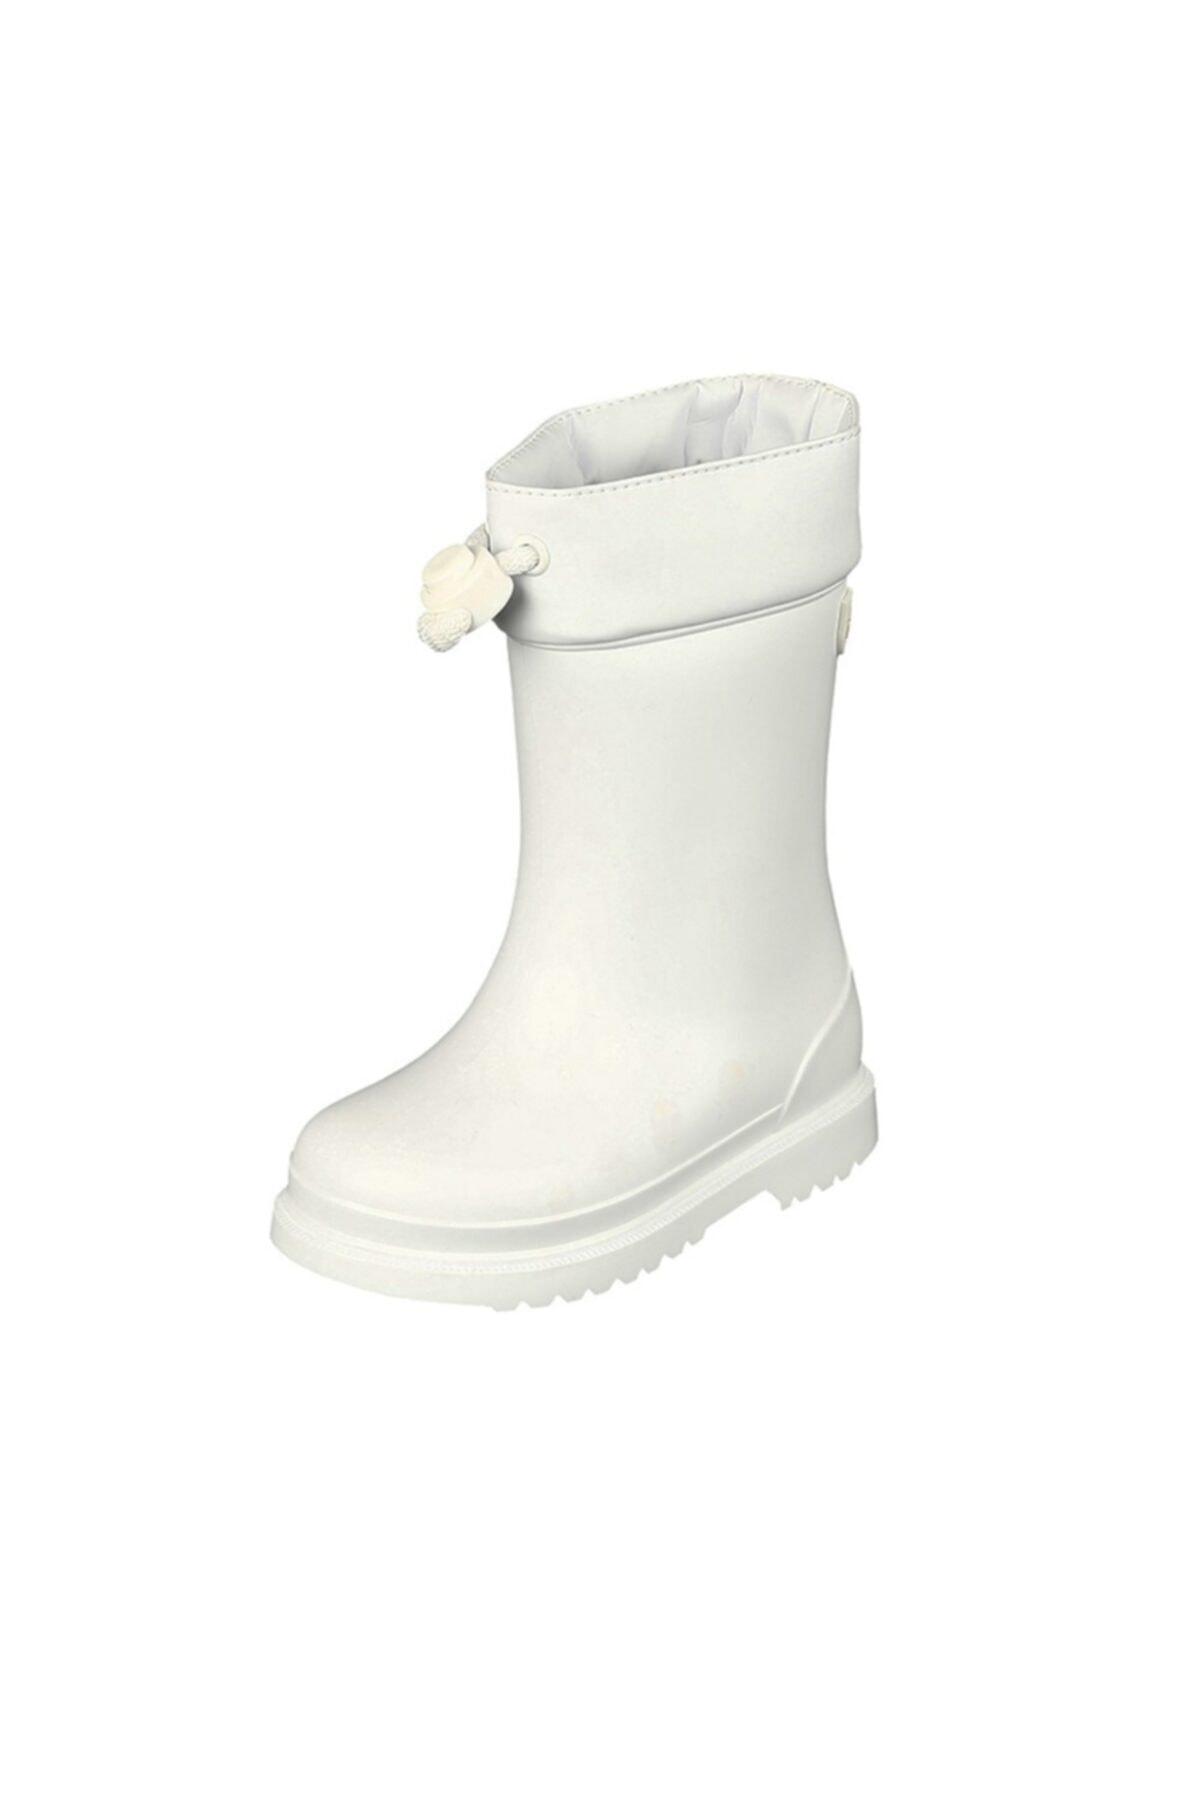 IGOR Chufo Cuello Çocuk Beyaz Yağmur Çizmesi 21-29 1